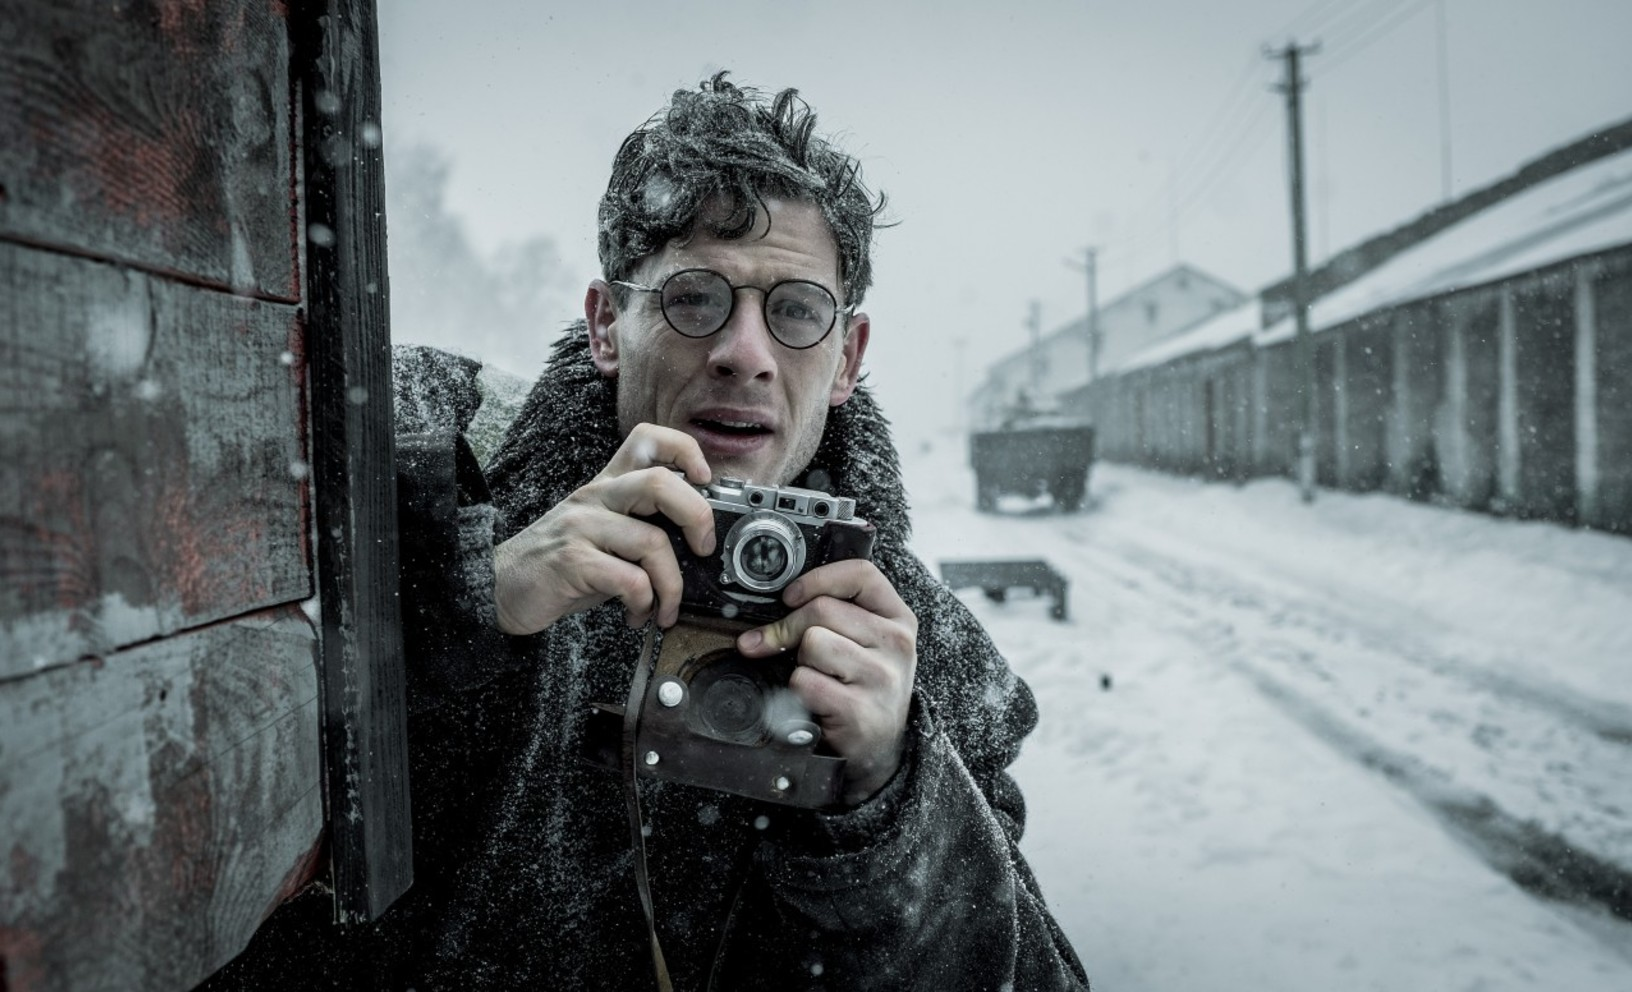 """Українські фільми """"Додому"""" і """"Містер Джонс"""" увійшли до лонг-листа """"європейского Оскара"""" -  - regular detail picture 9fc7203fe379b6e04a0c58a8f7d1449f"""